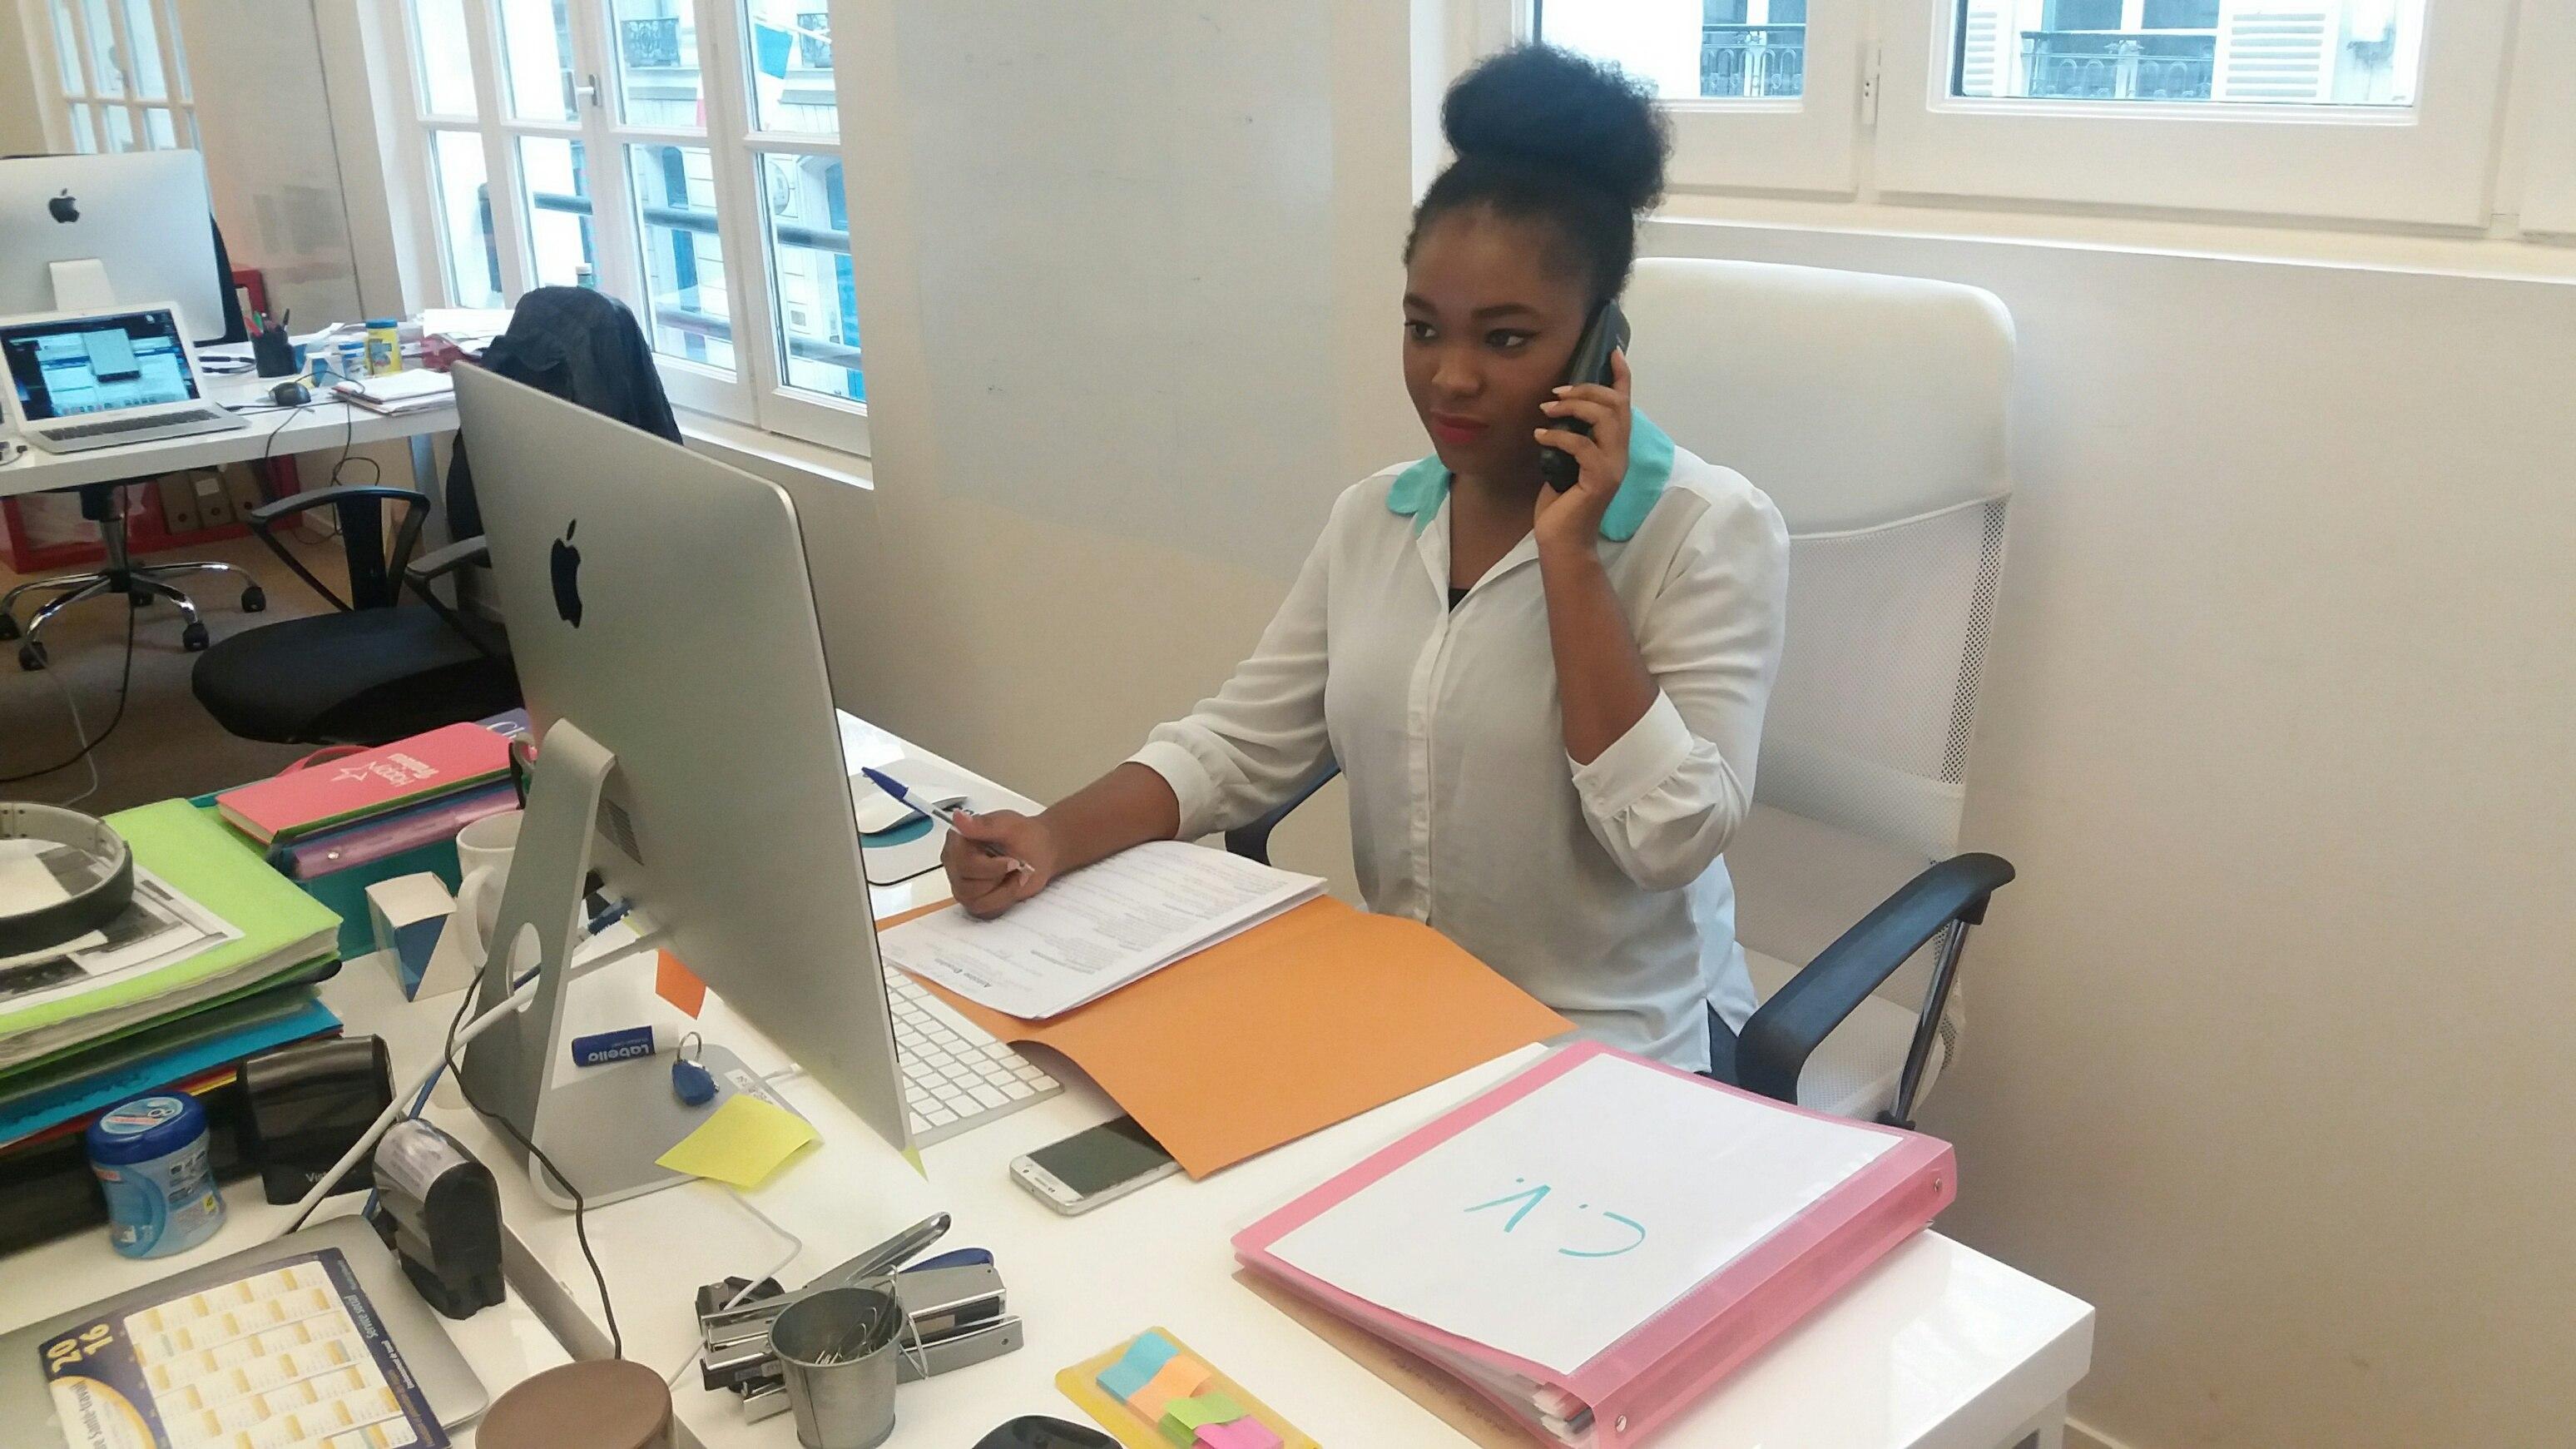 Femme dans un bureau avec des CV